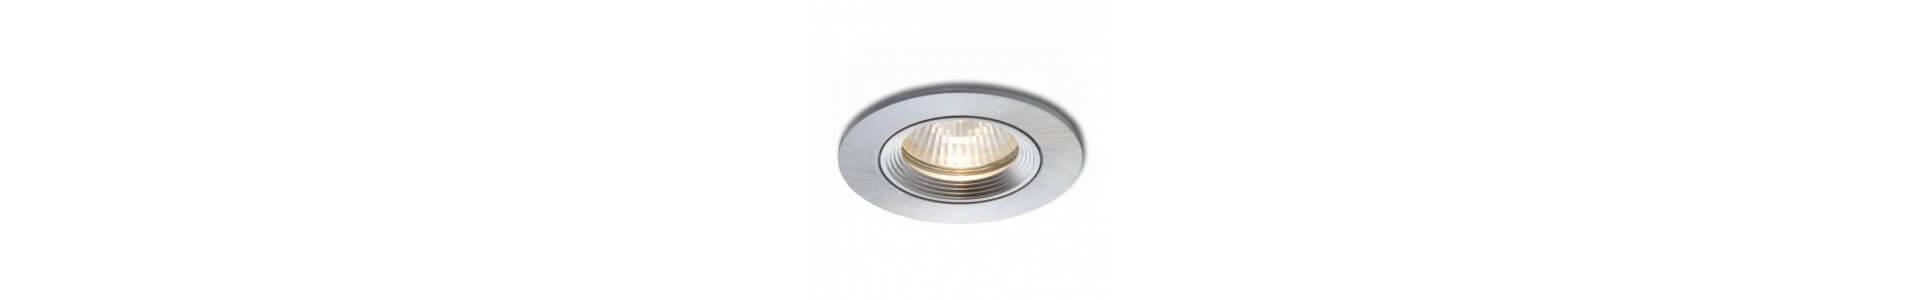 Spotlights med utbytbar ljuskälla